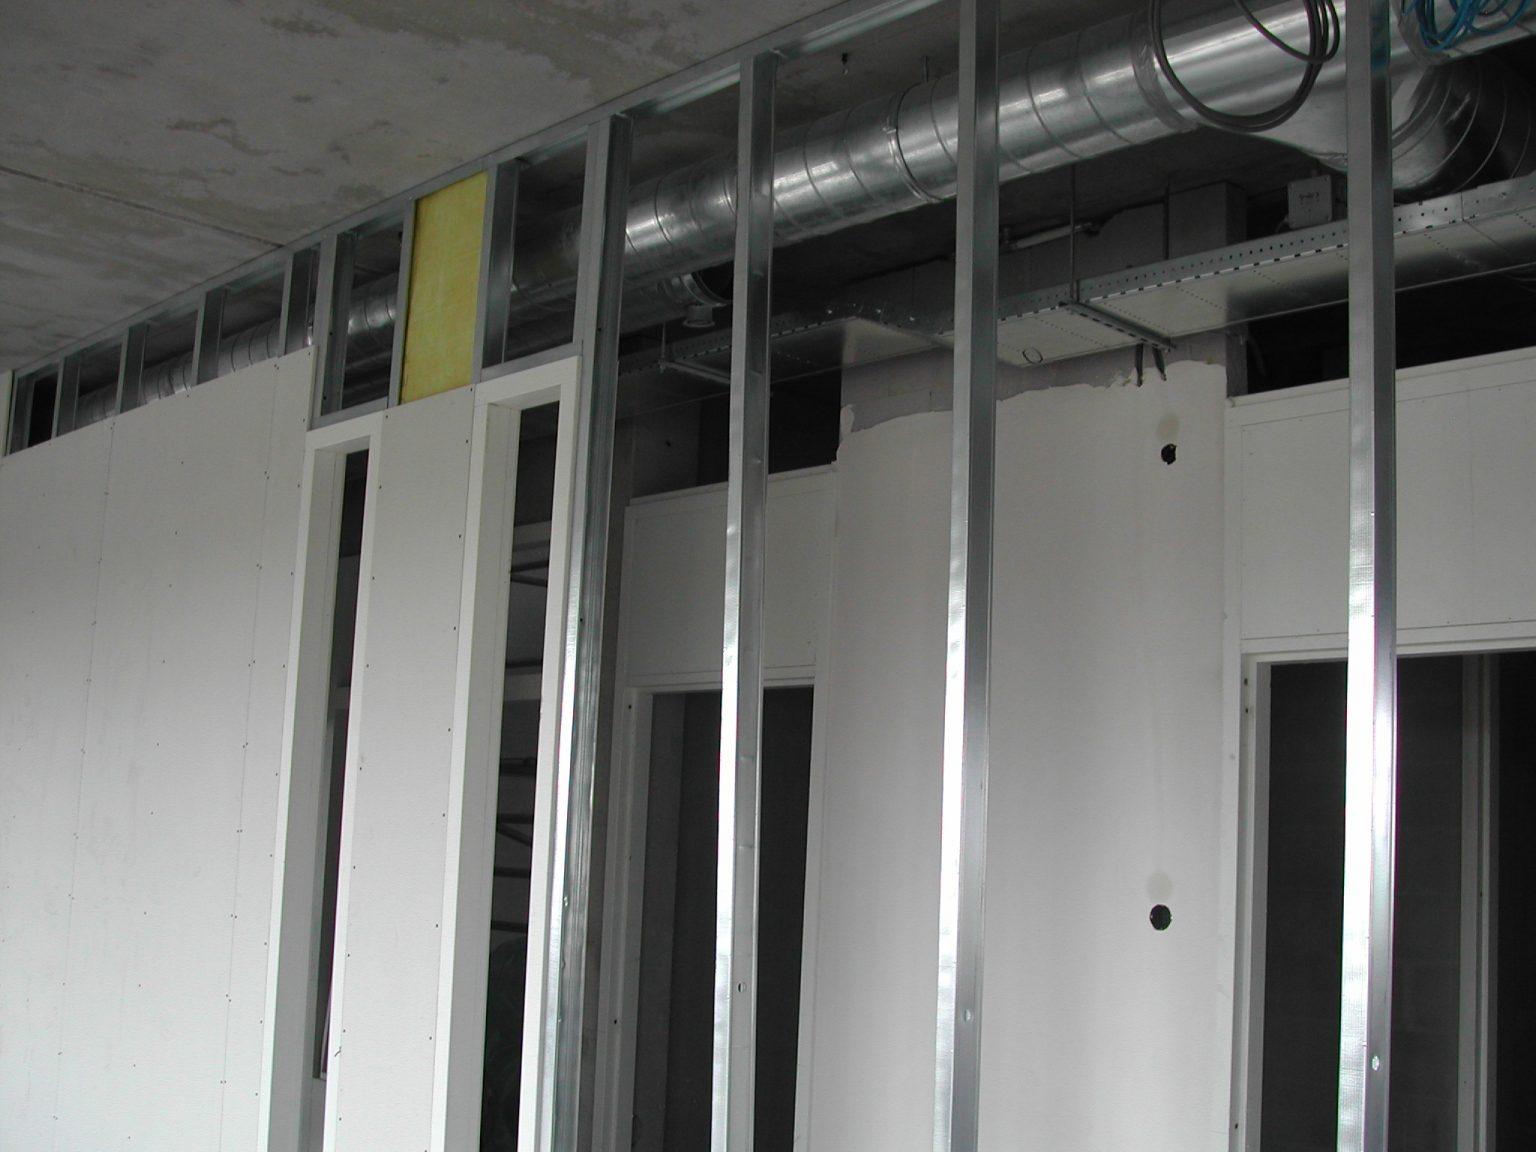 metal stud wanden profielen plafonds systeemplafonds scheidingswand voorzetswand metalstud prijzen